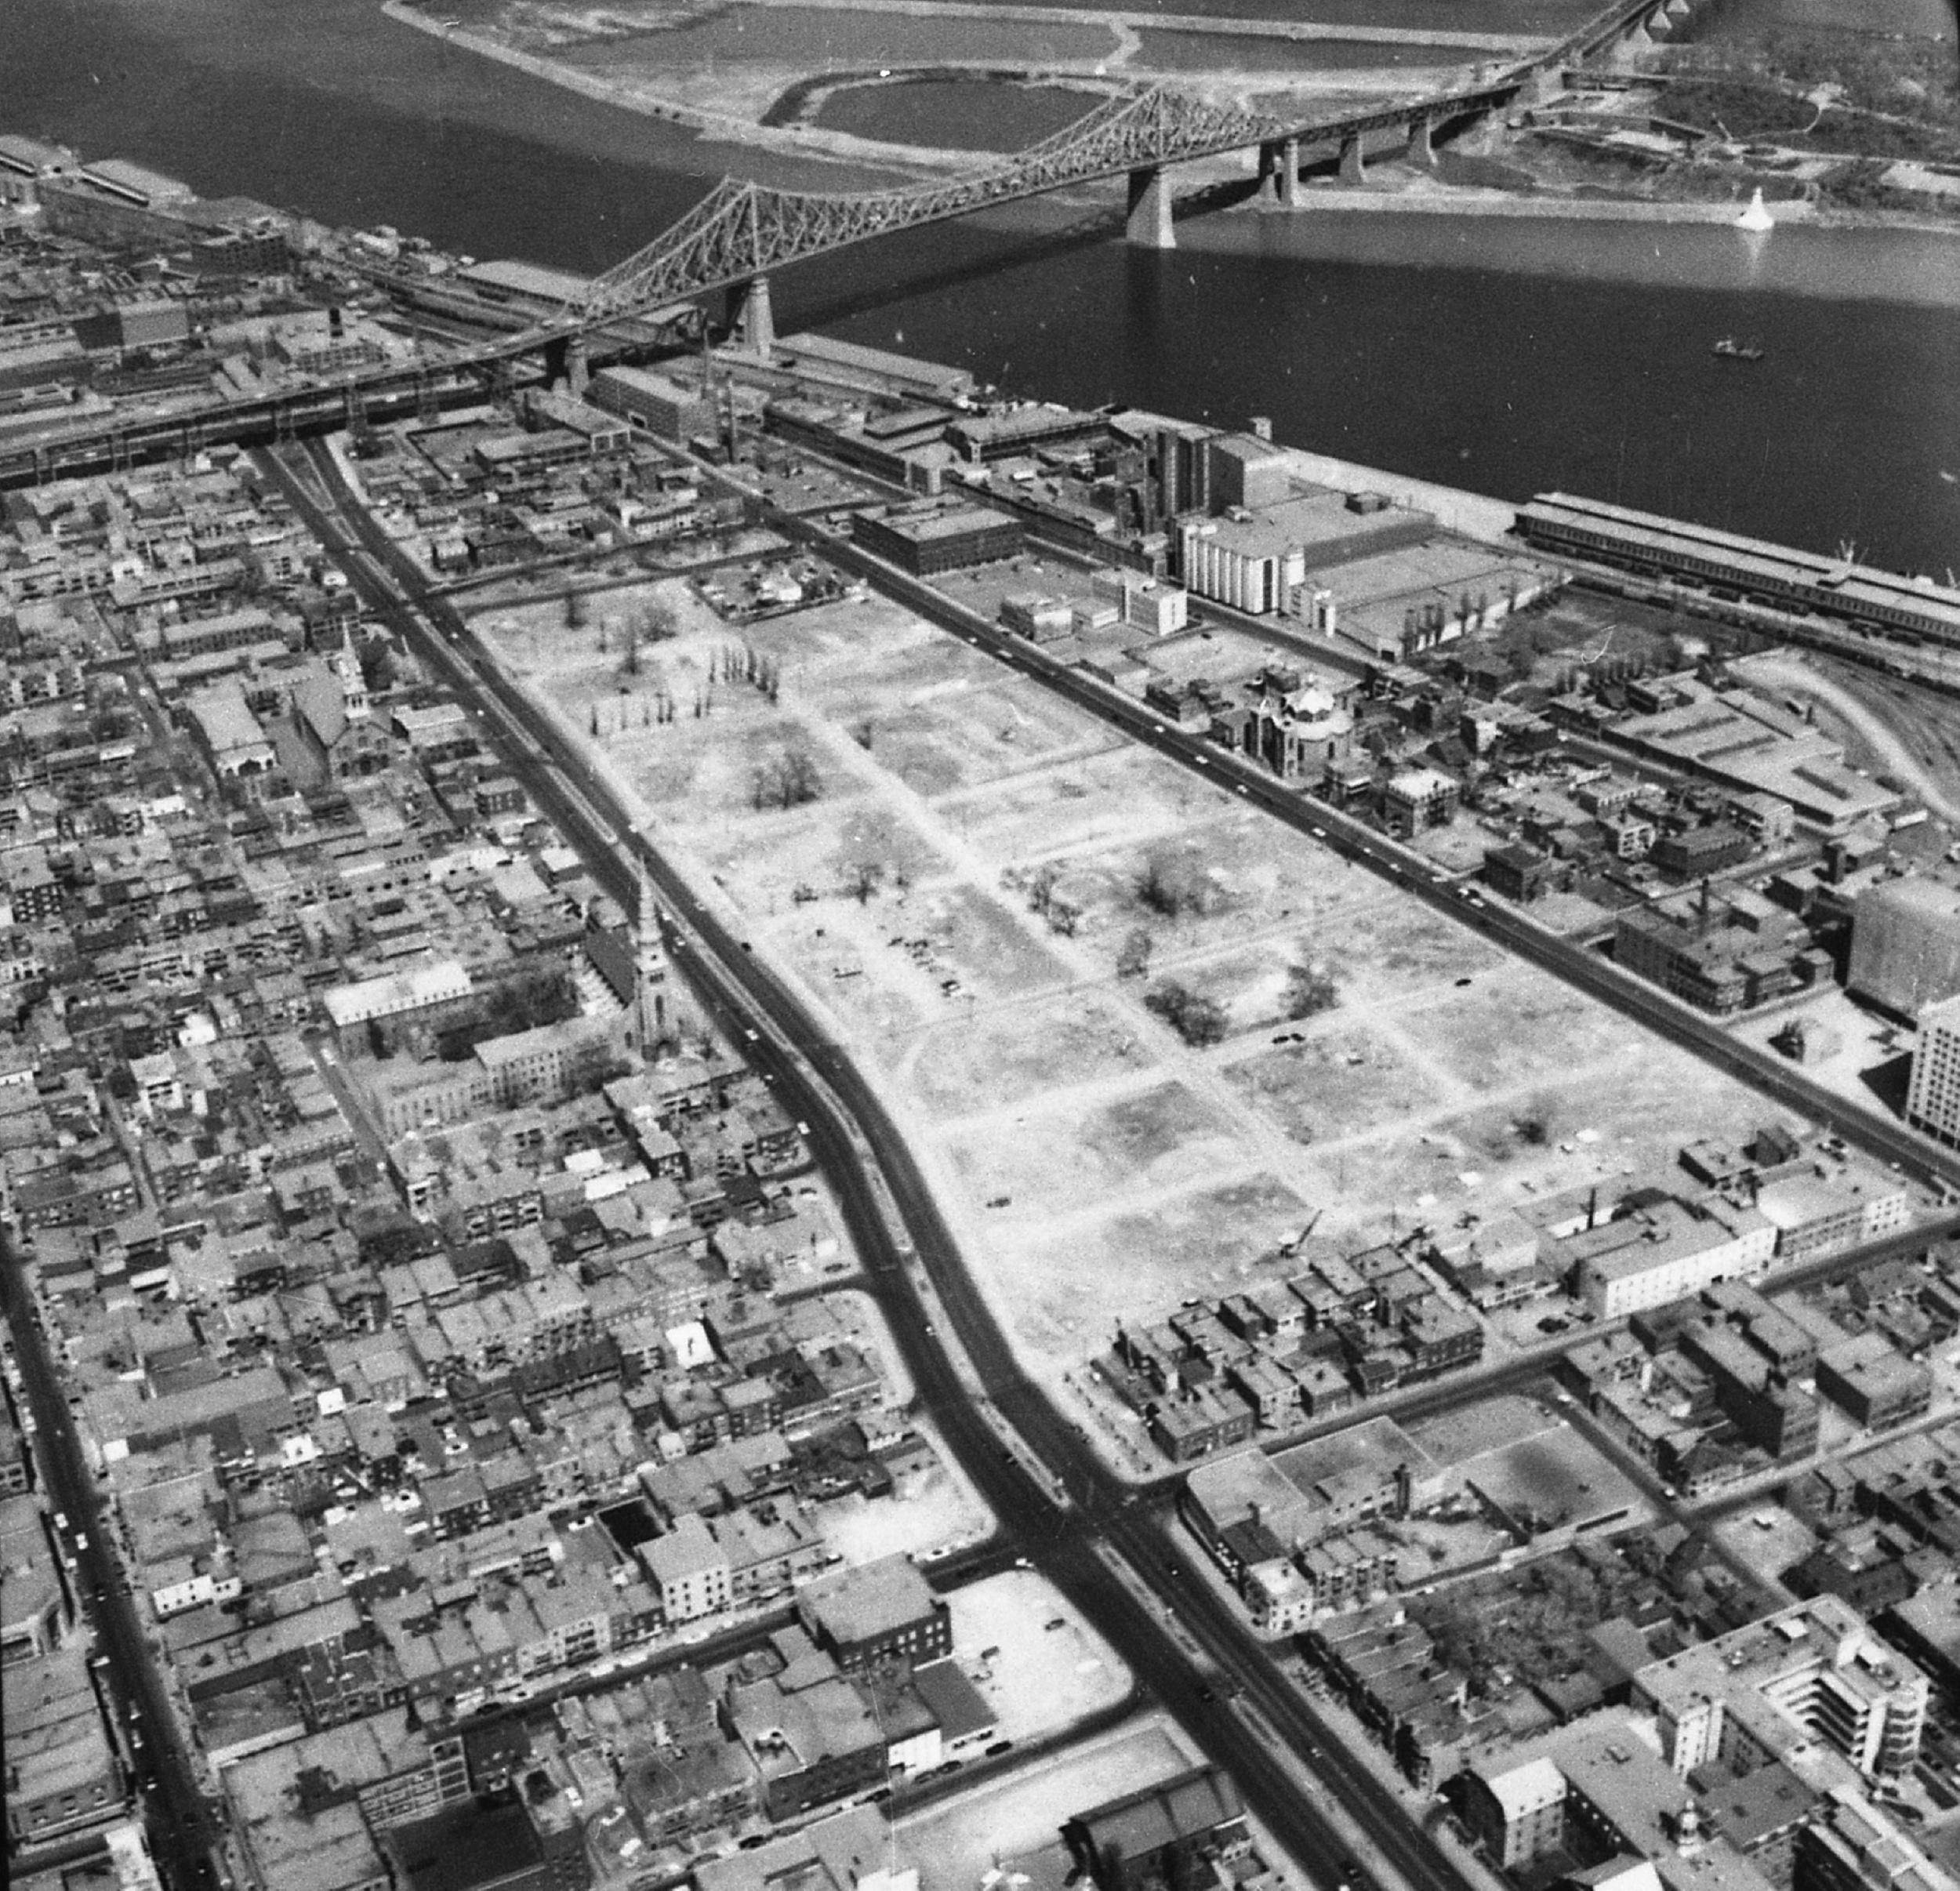 Ville de Montréal Archives, VM94,SY,SS1,SSS15,U124-002